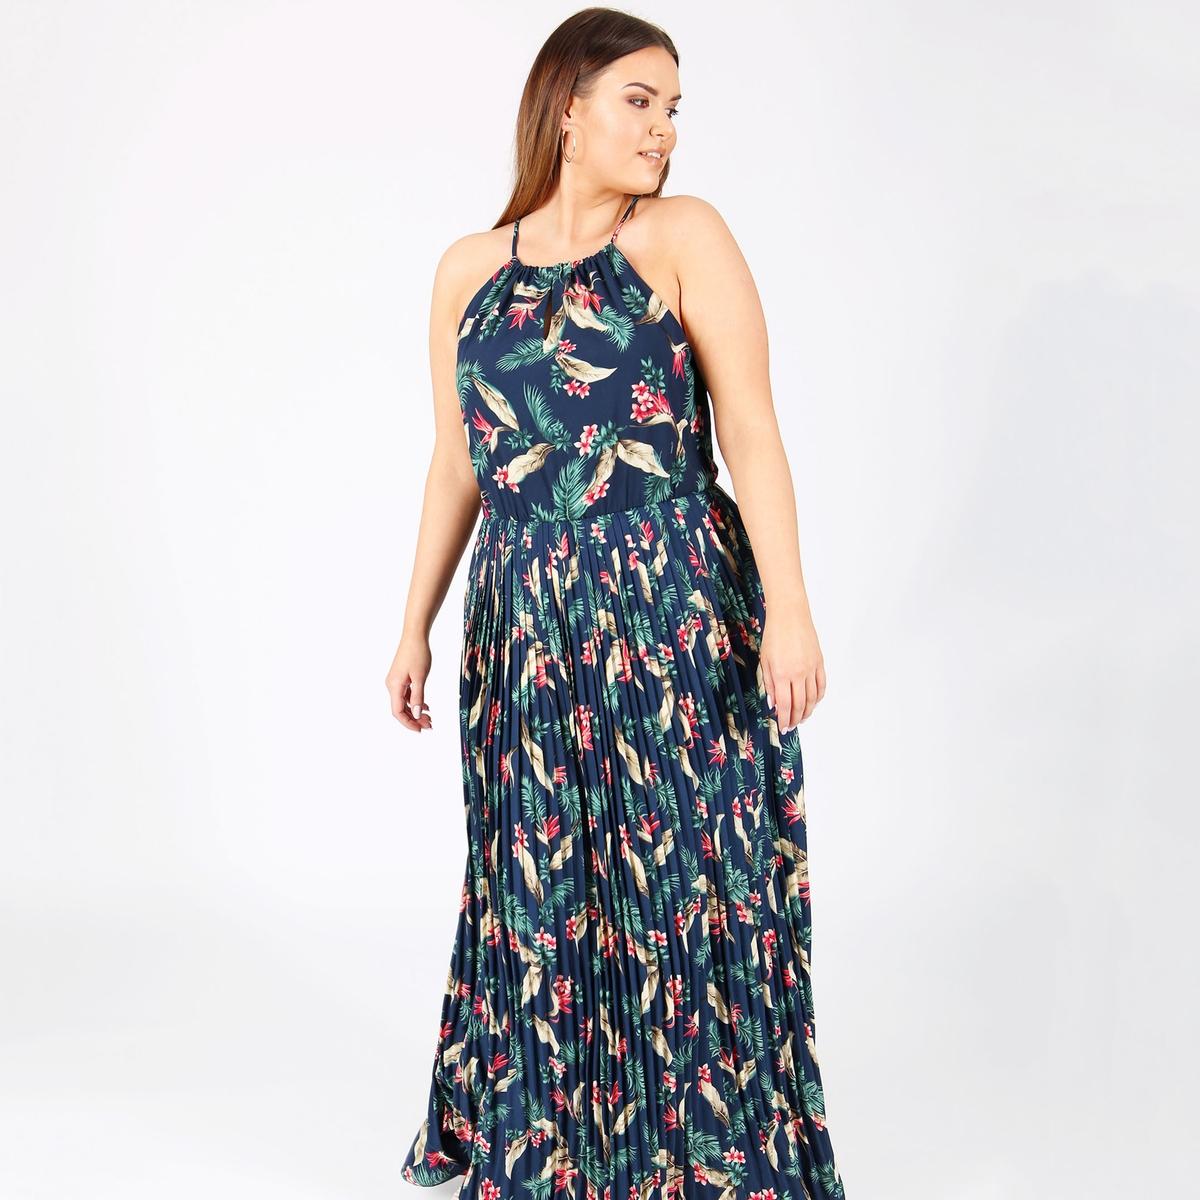 Платье длинное однотонное, расширяющееся к низу, без рукавов платье без рукавов printio семейная лодка